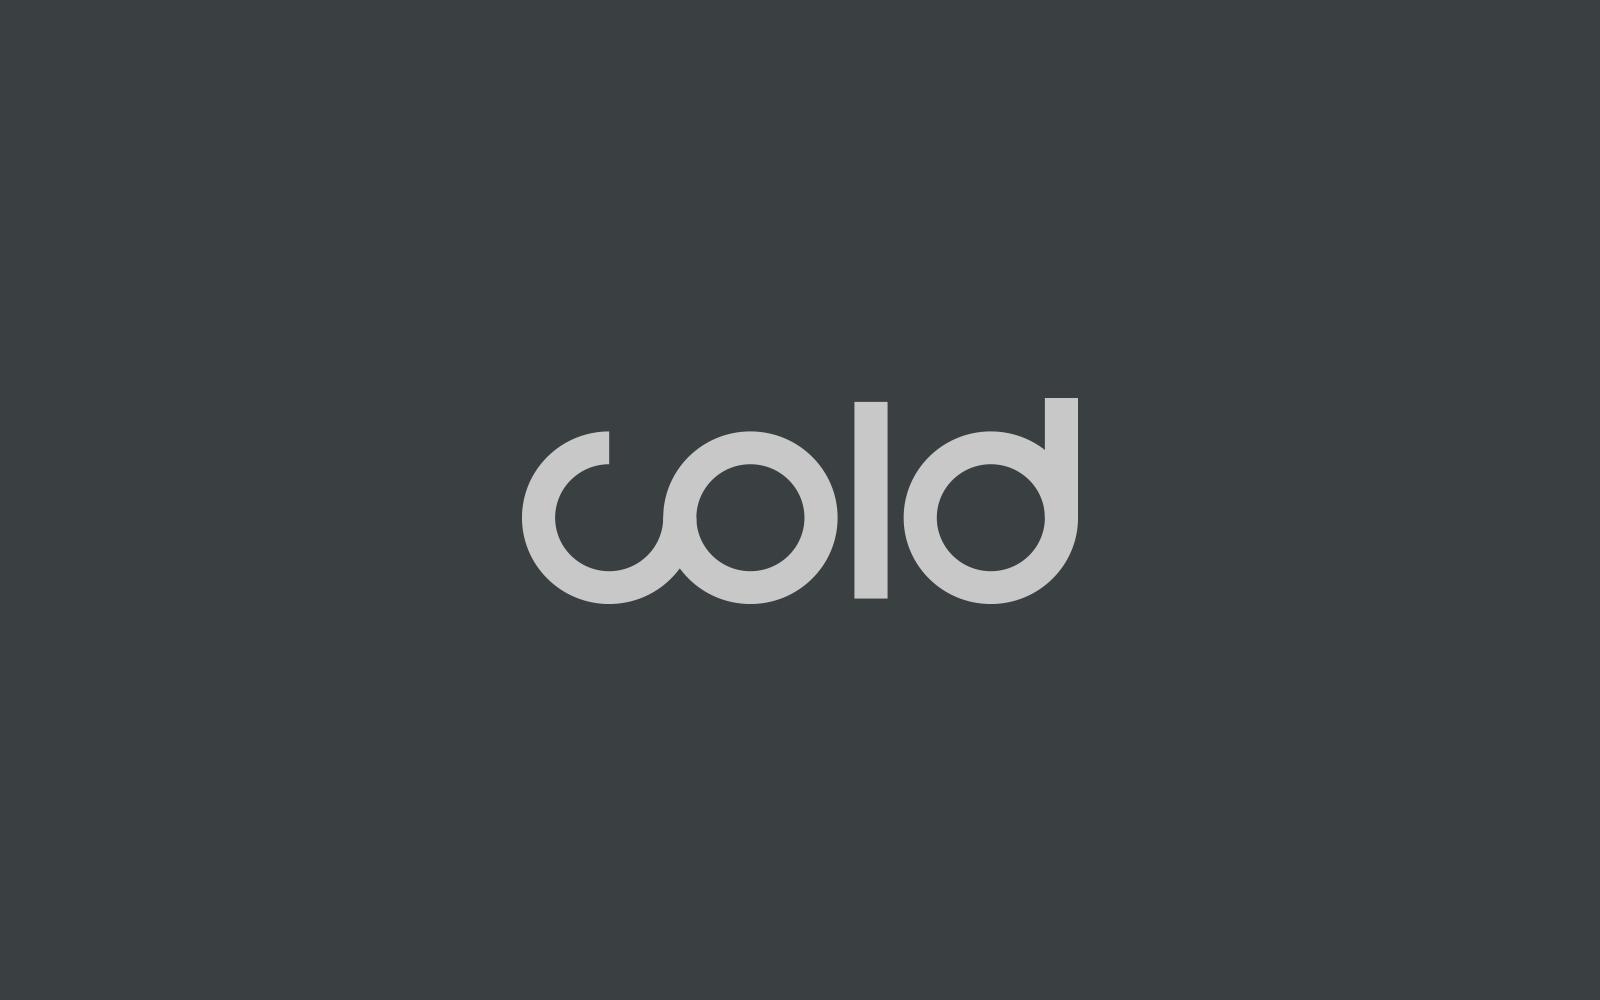 logo_1600p_cold